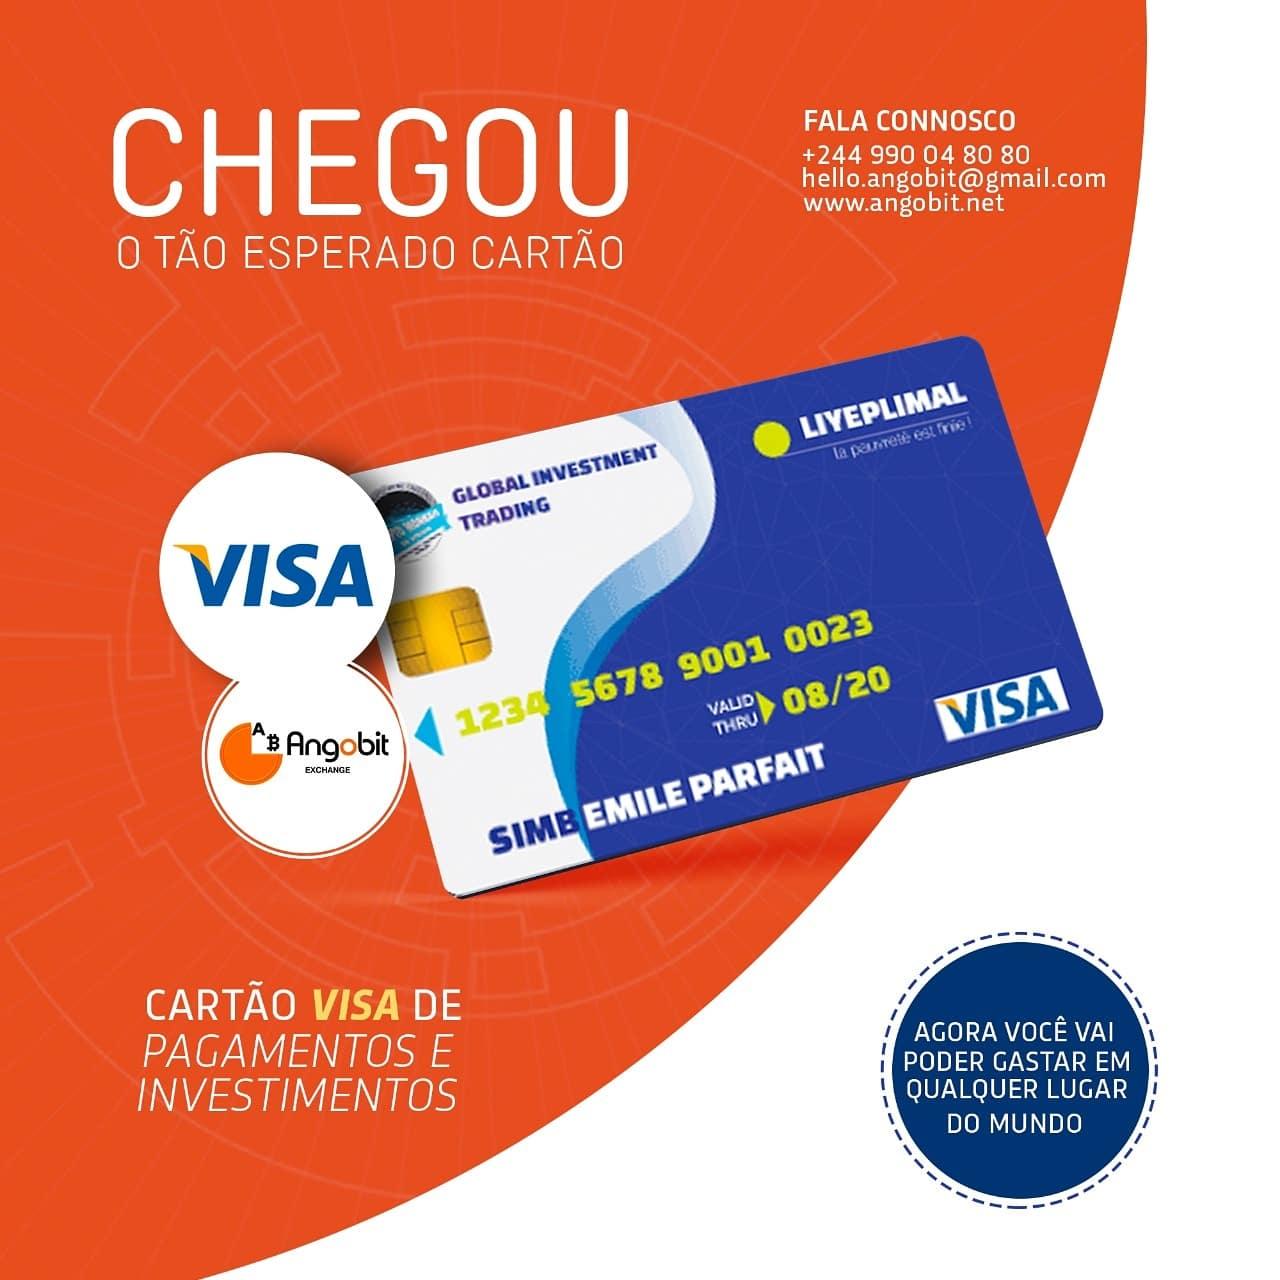 bna alerta para entidade não autorizada a emitir cartões visa - ANGOBIT - BNA Alerta para entidade não autorizada a emitir cartões VISA